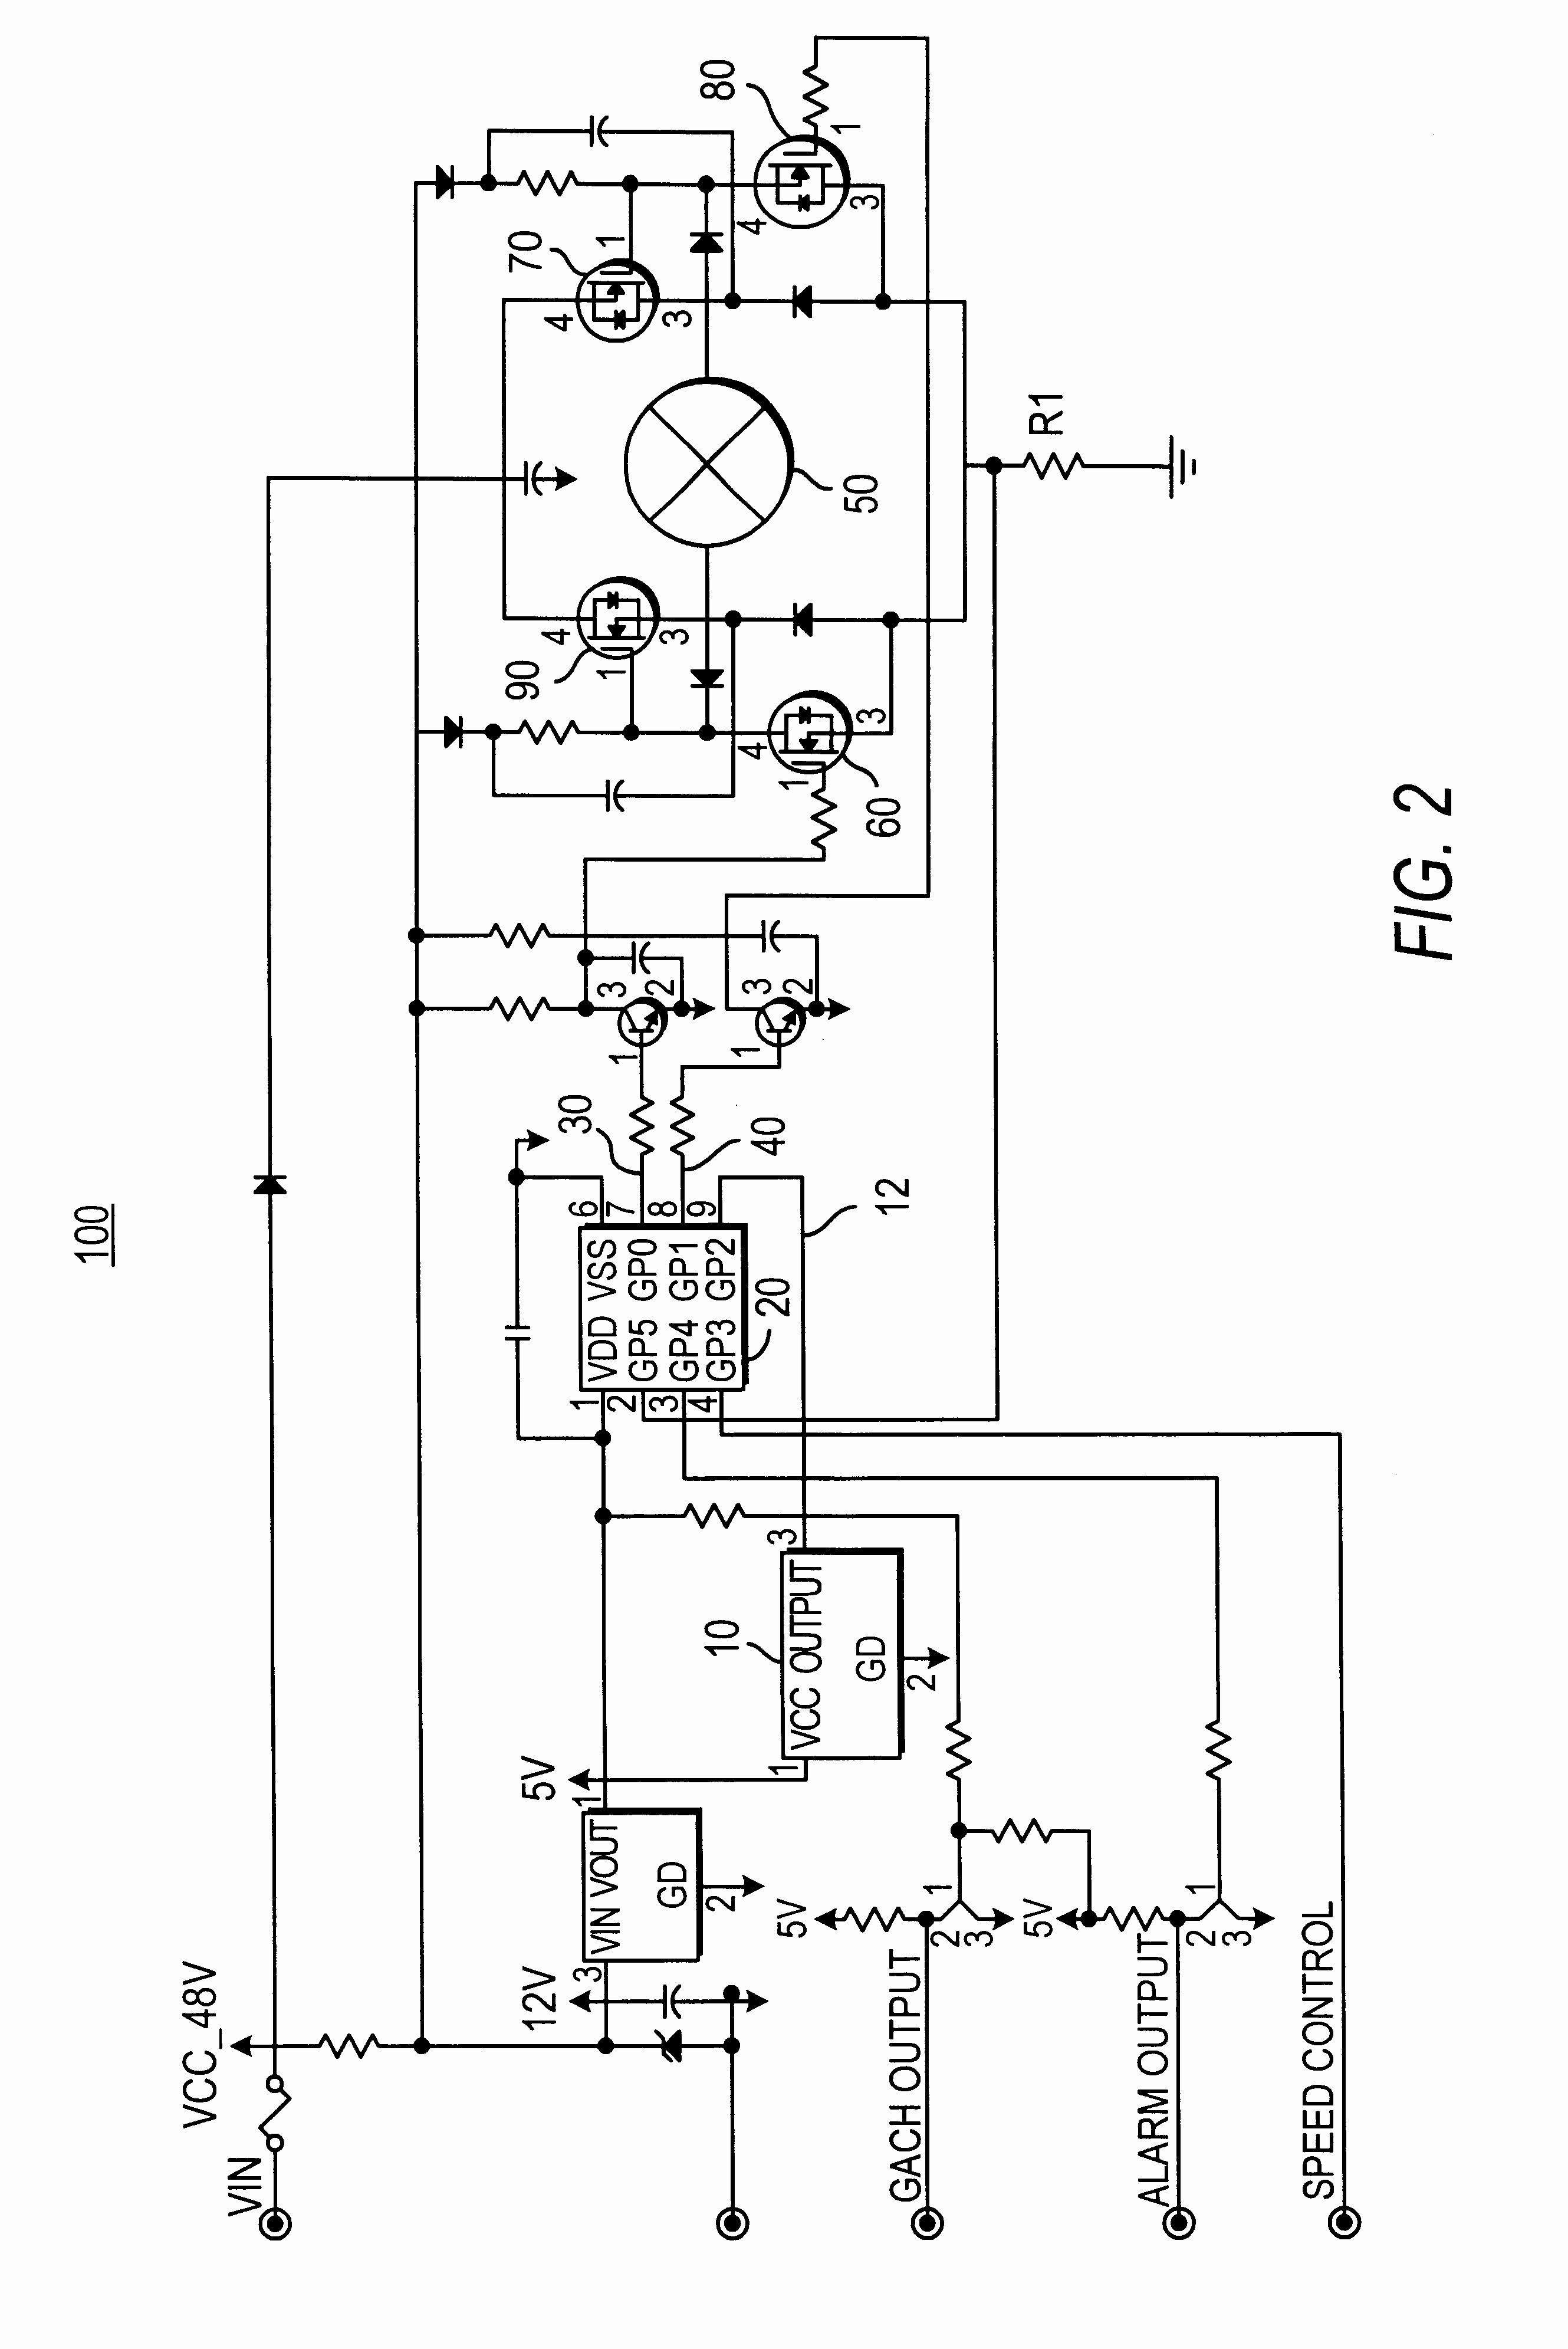 3 Phase Start Stop Station Wiring Diagram | Manual E-Books - 3 Phase Contactor Wiring Diagram Start Stop